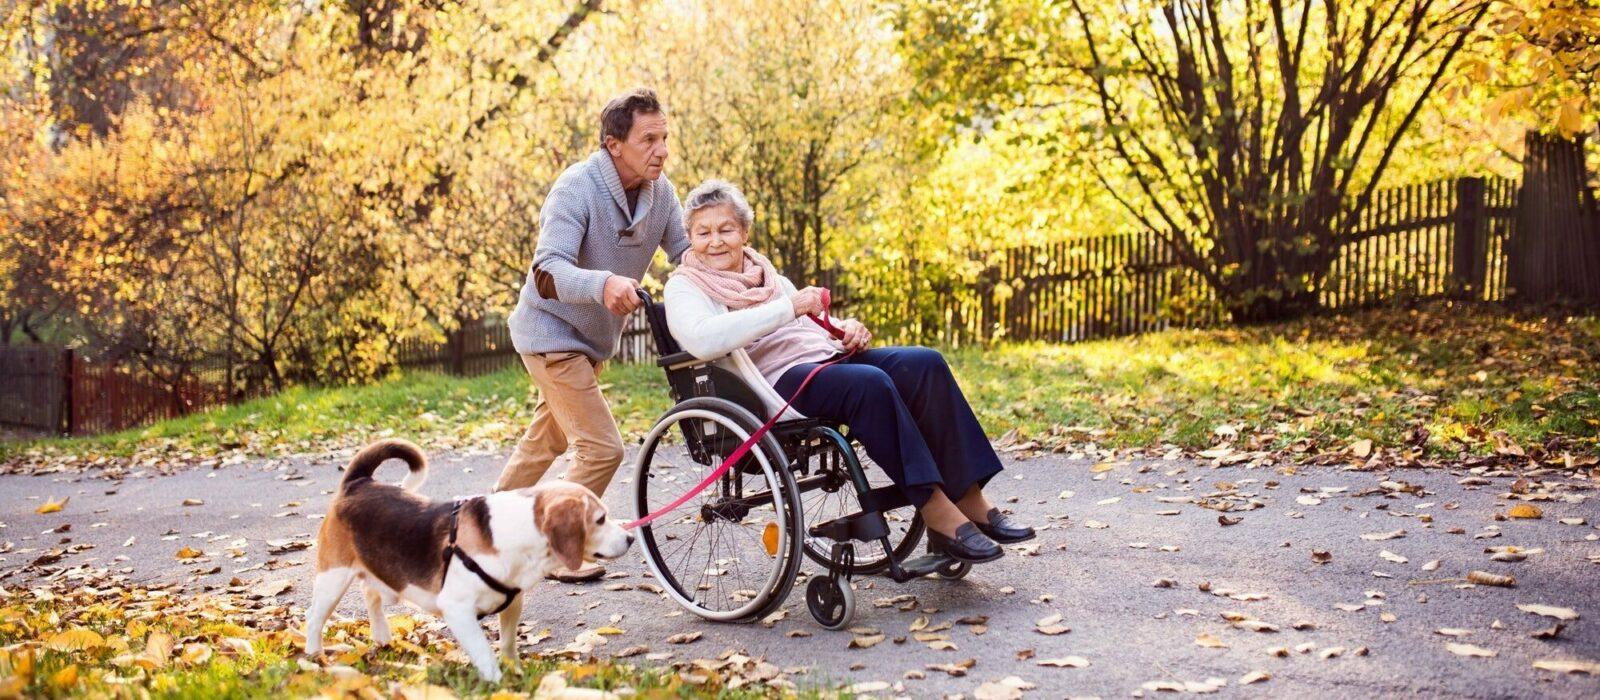 Symbolbild Heimbelieferung zeigt eine Dame im Rollstuhl, die von einem Mann mit Hund begleitet wird